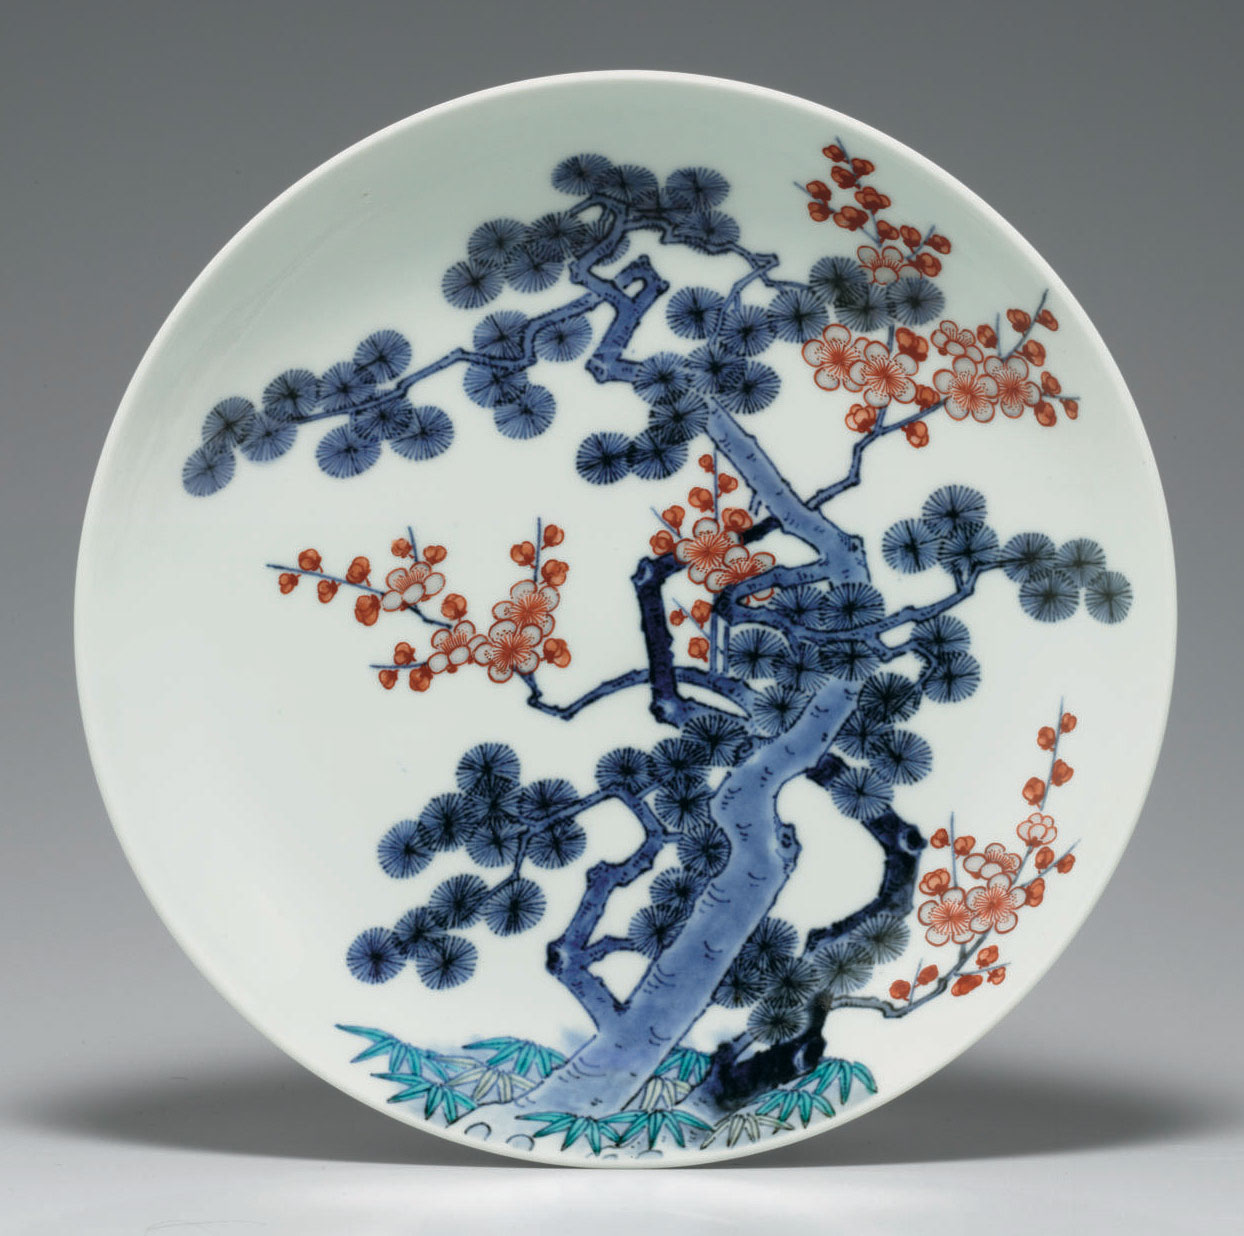 A porcelain dish